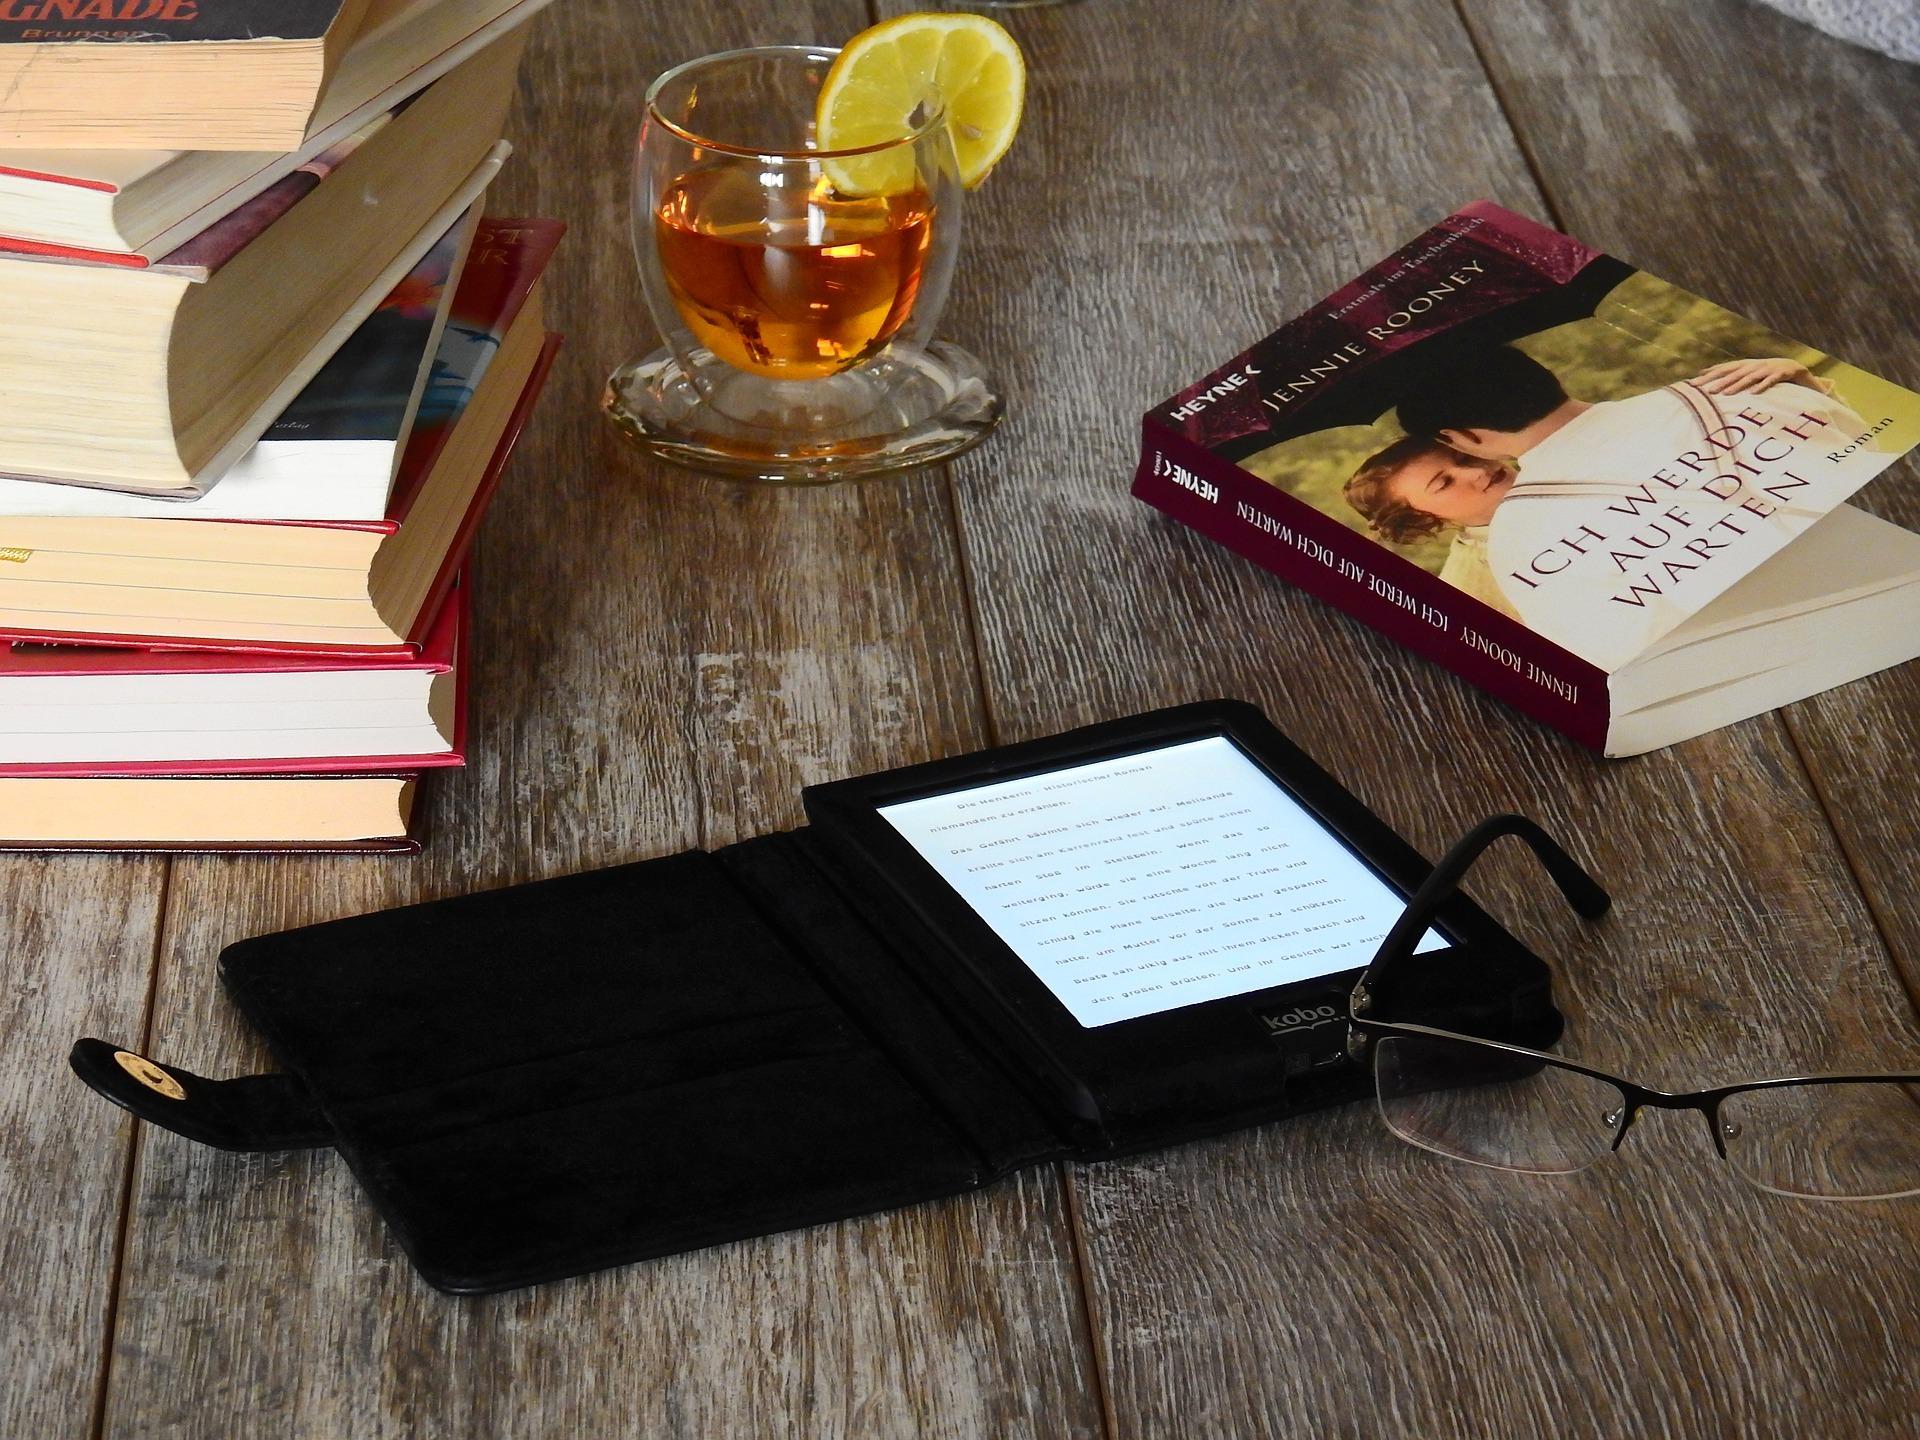 Der Magical Digital Nomad liest ein Buch und bespricht es für dich